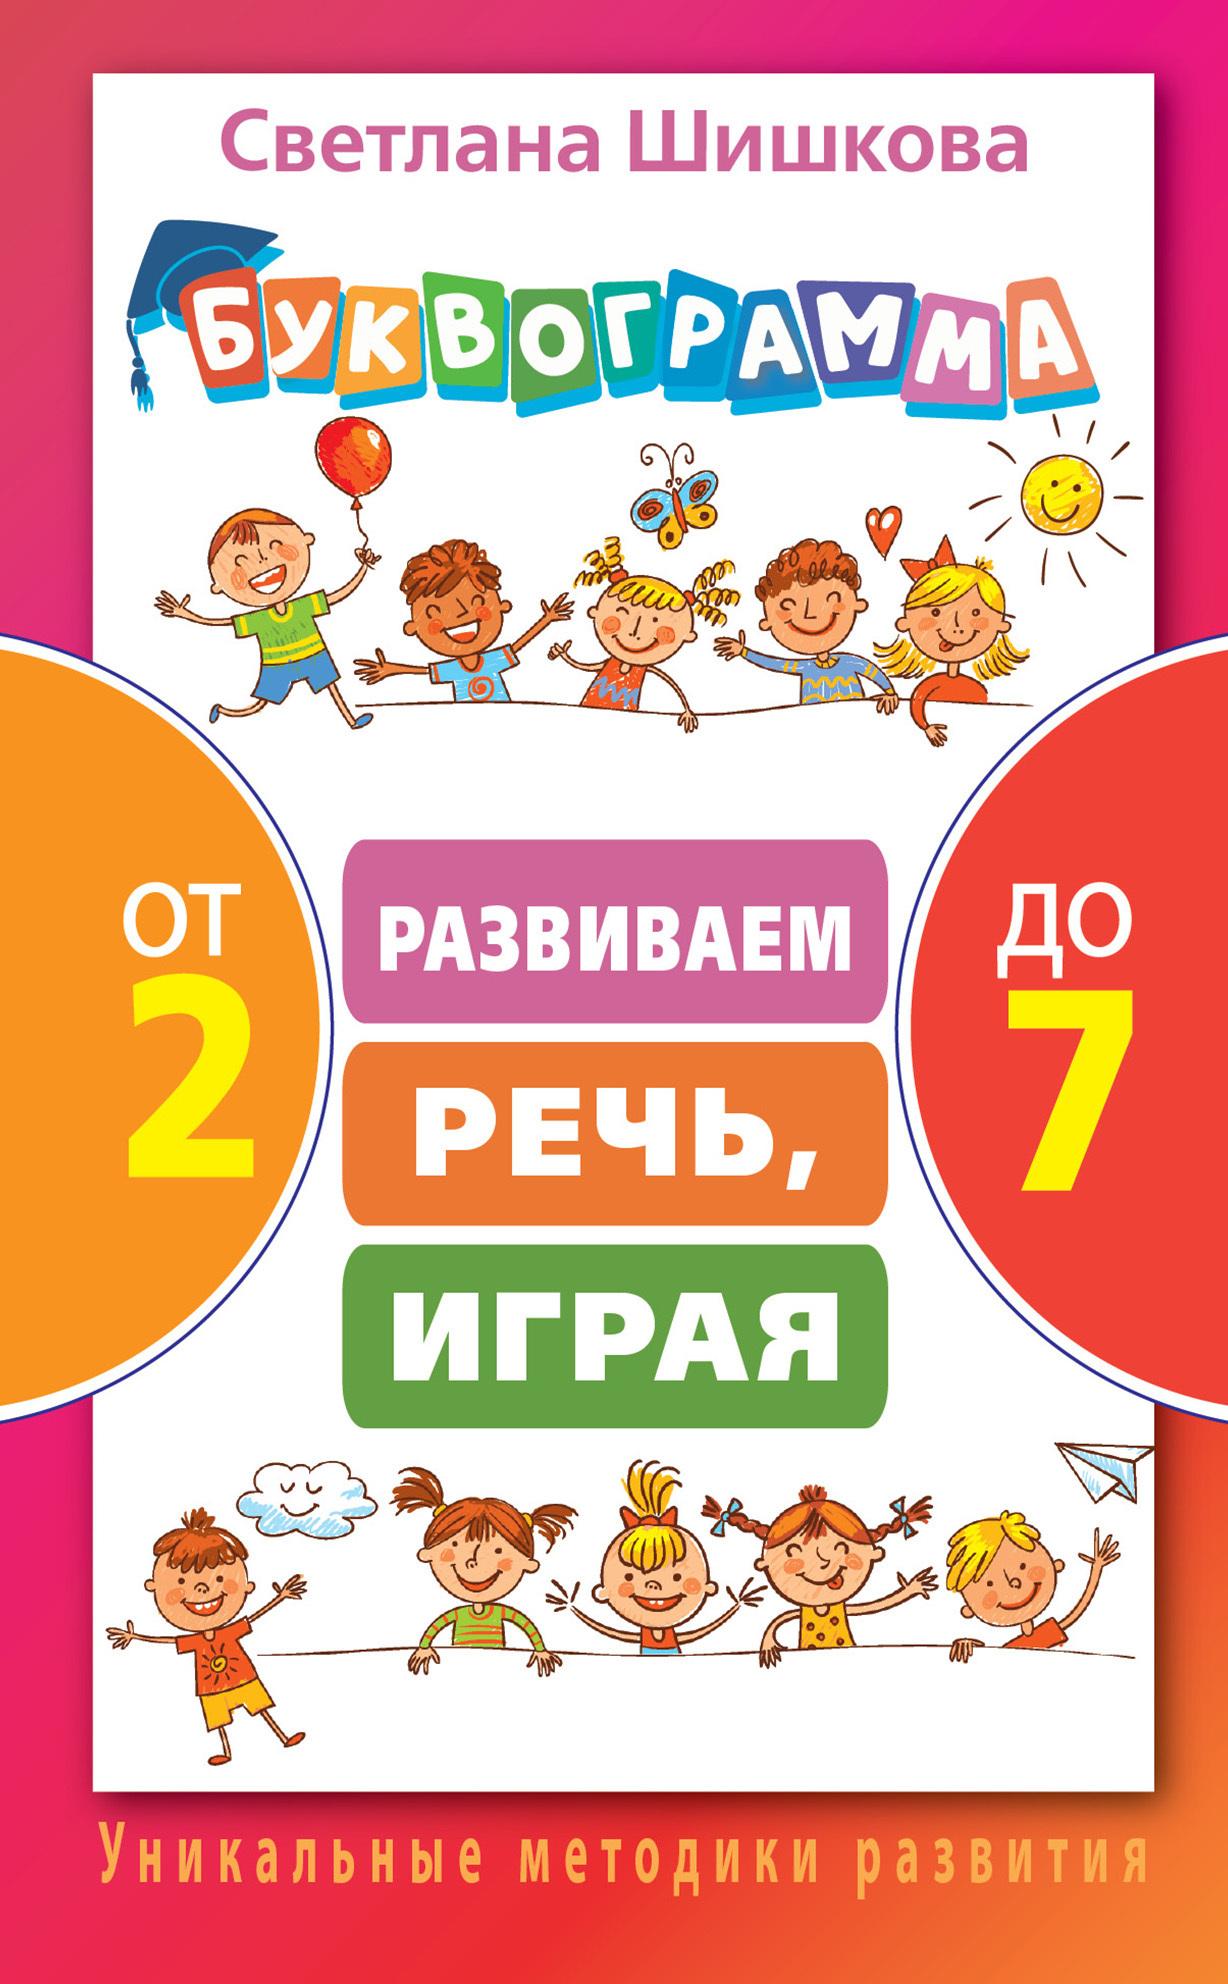 Буквограмма от 2 до 7. Развиваем речь, играя